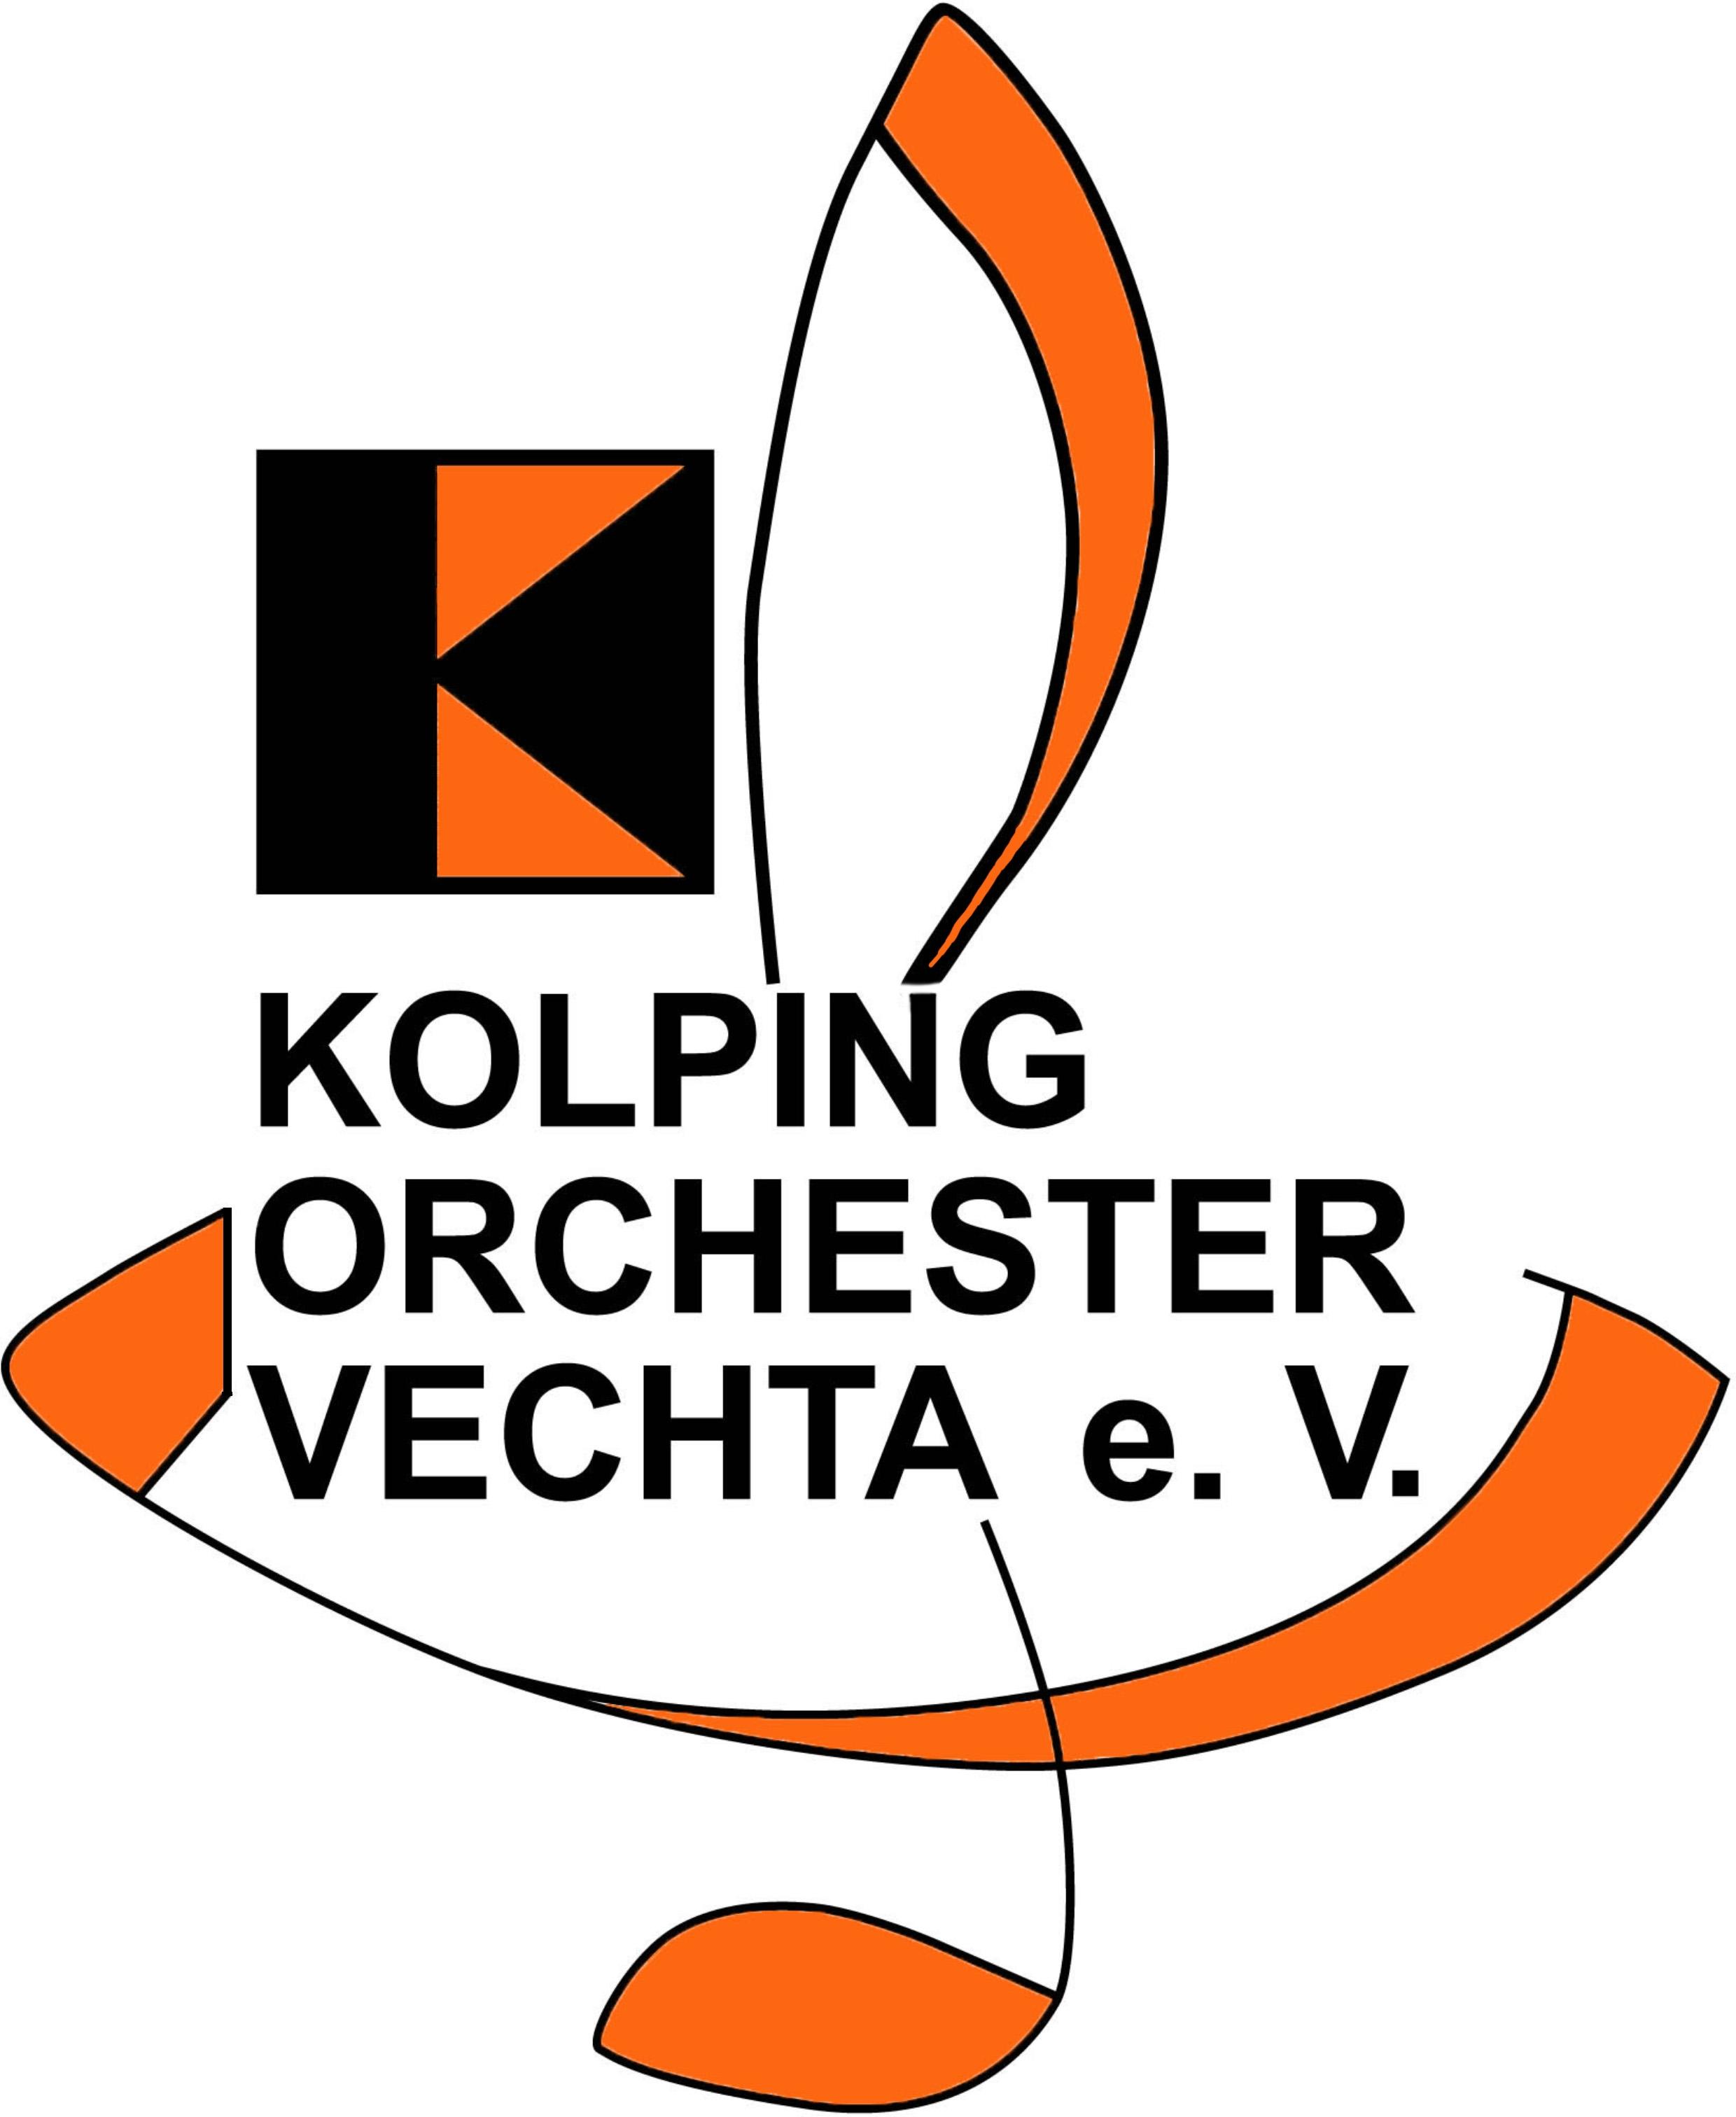 Kolpingorchester Vechta e.V.